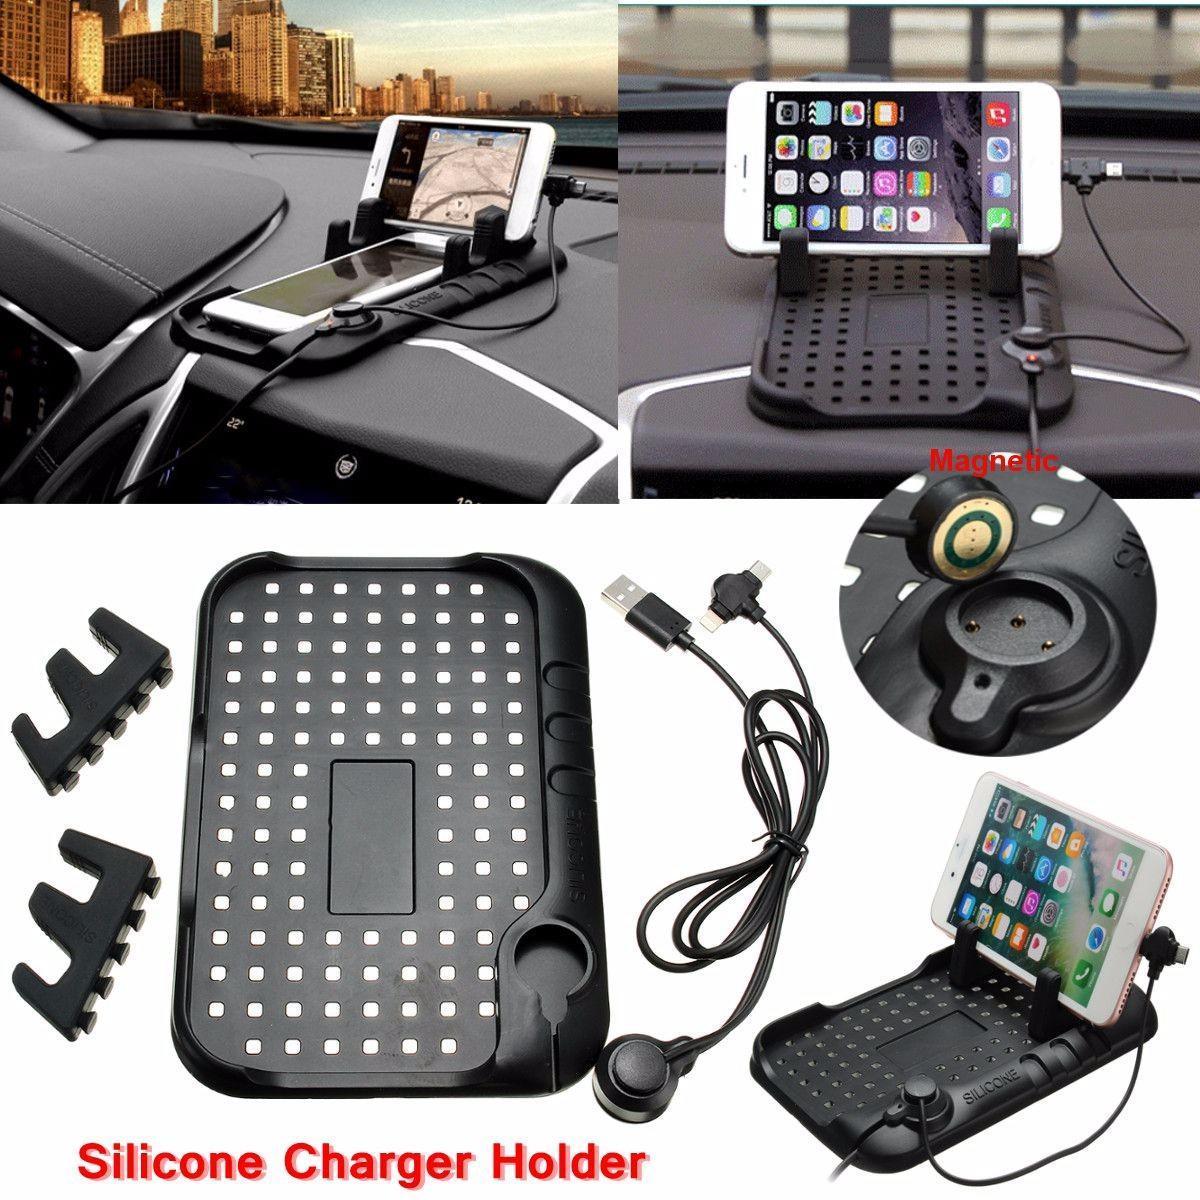 Скольжения Pad автомобиль USB зарядное устройство стенда приборной панели держатель для GPS Pad м... полироль для приборной панели atas plak amarena 400 мл